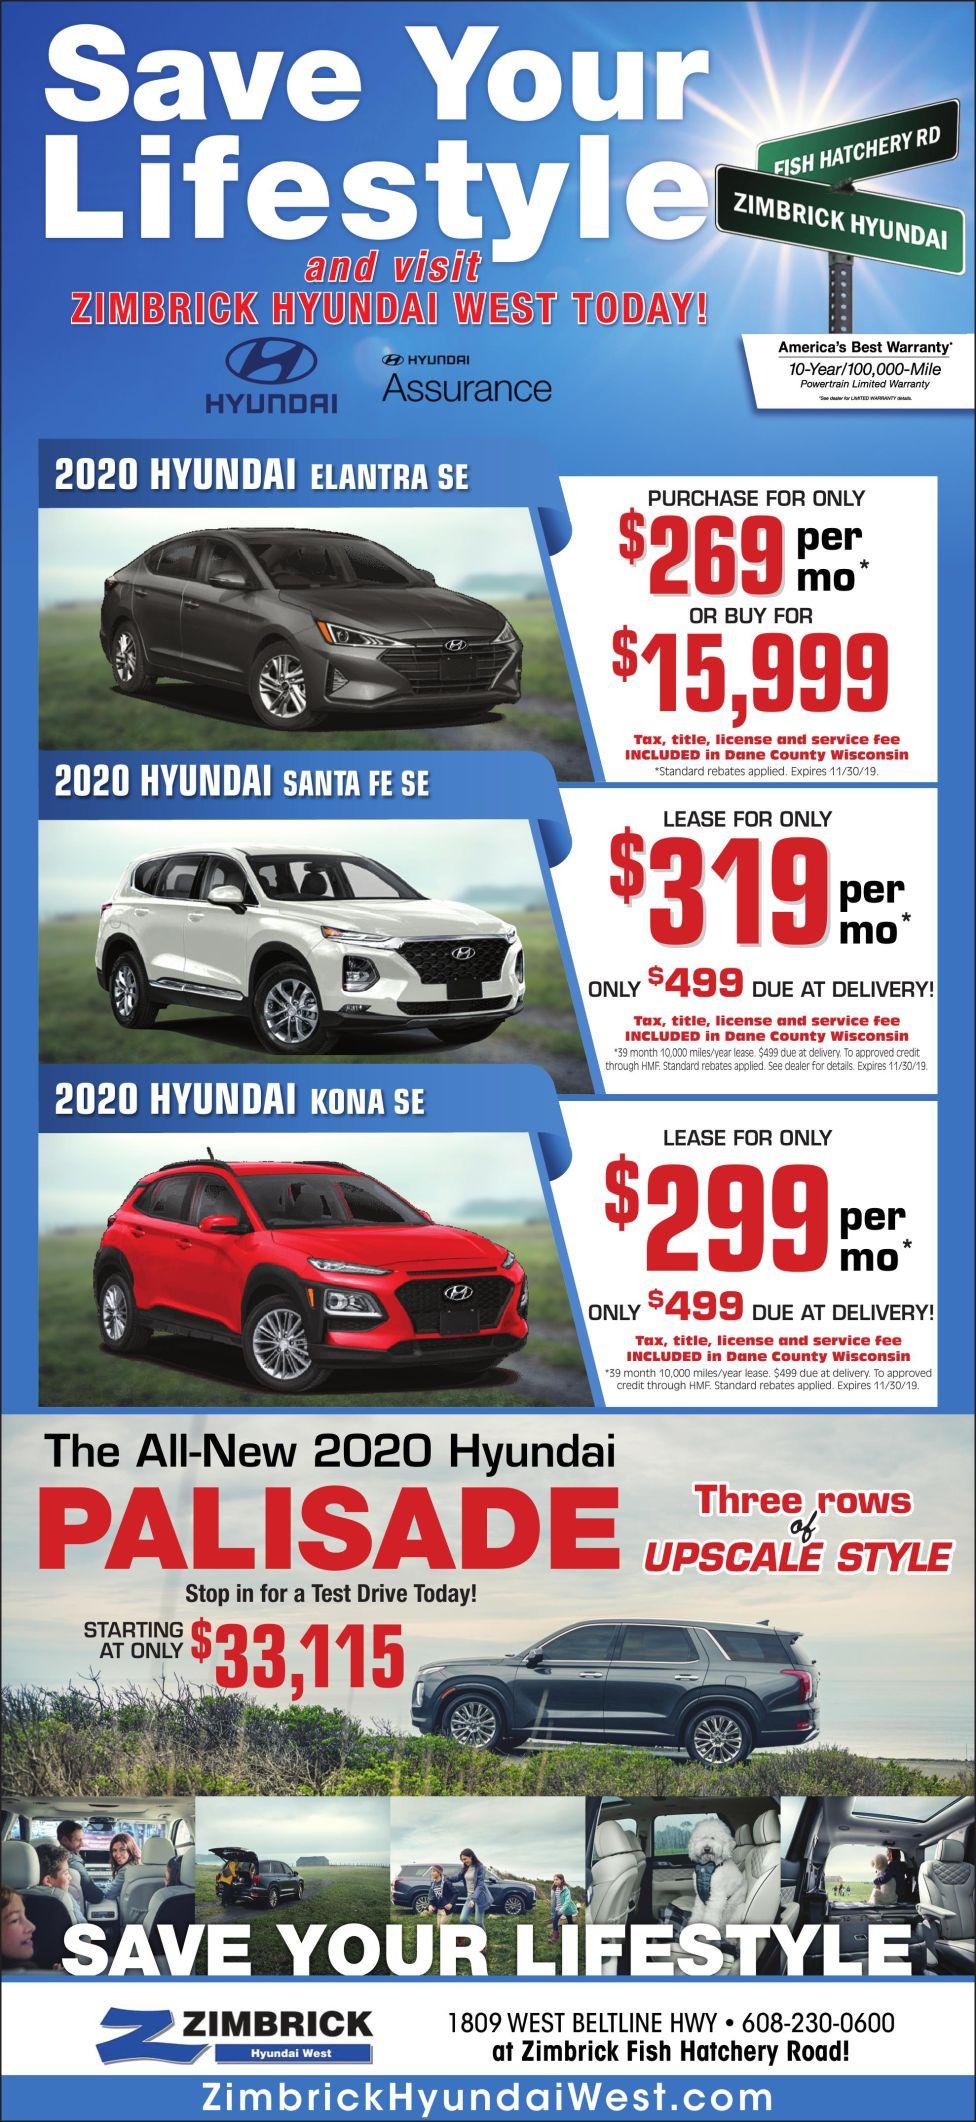 Hyundai Dealership Madison Wi : hyundai, dealership, madison, Perfect, Hyundai:, Hyundai, Madison